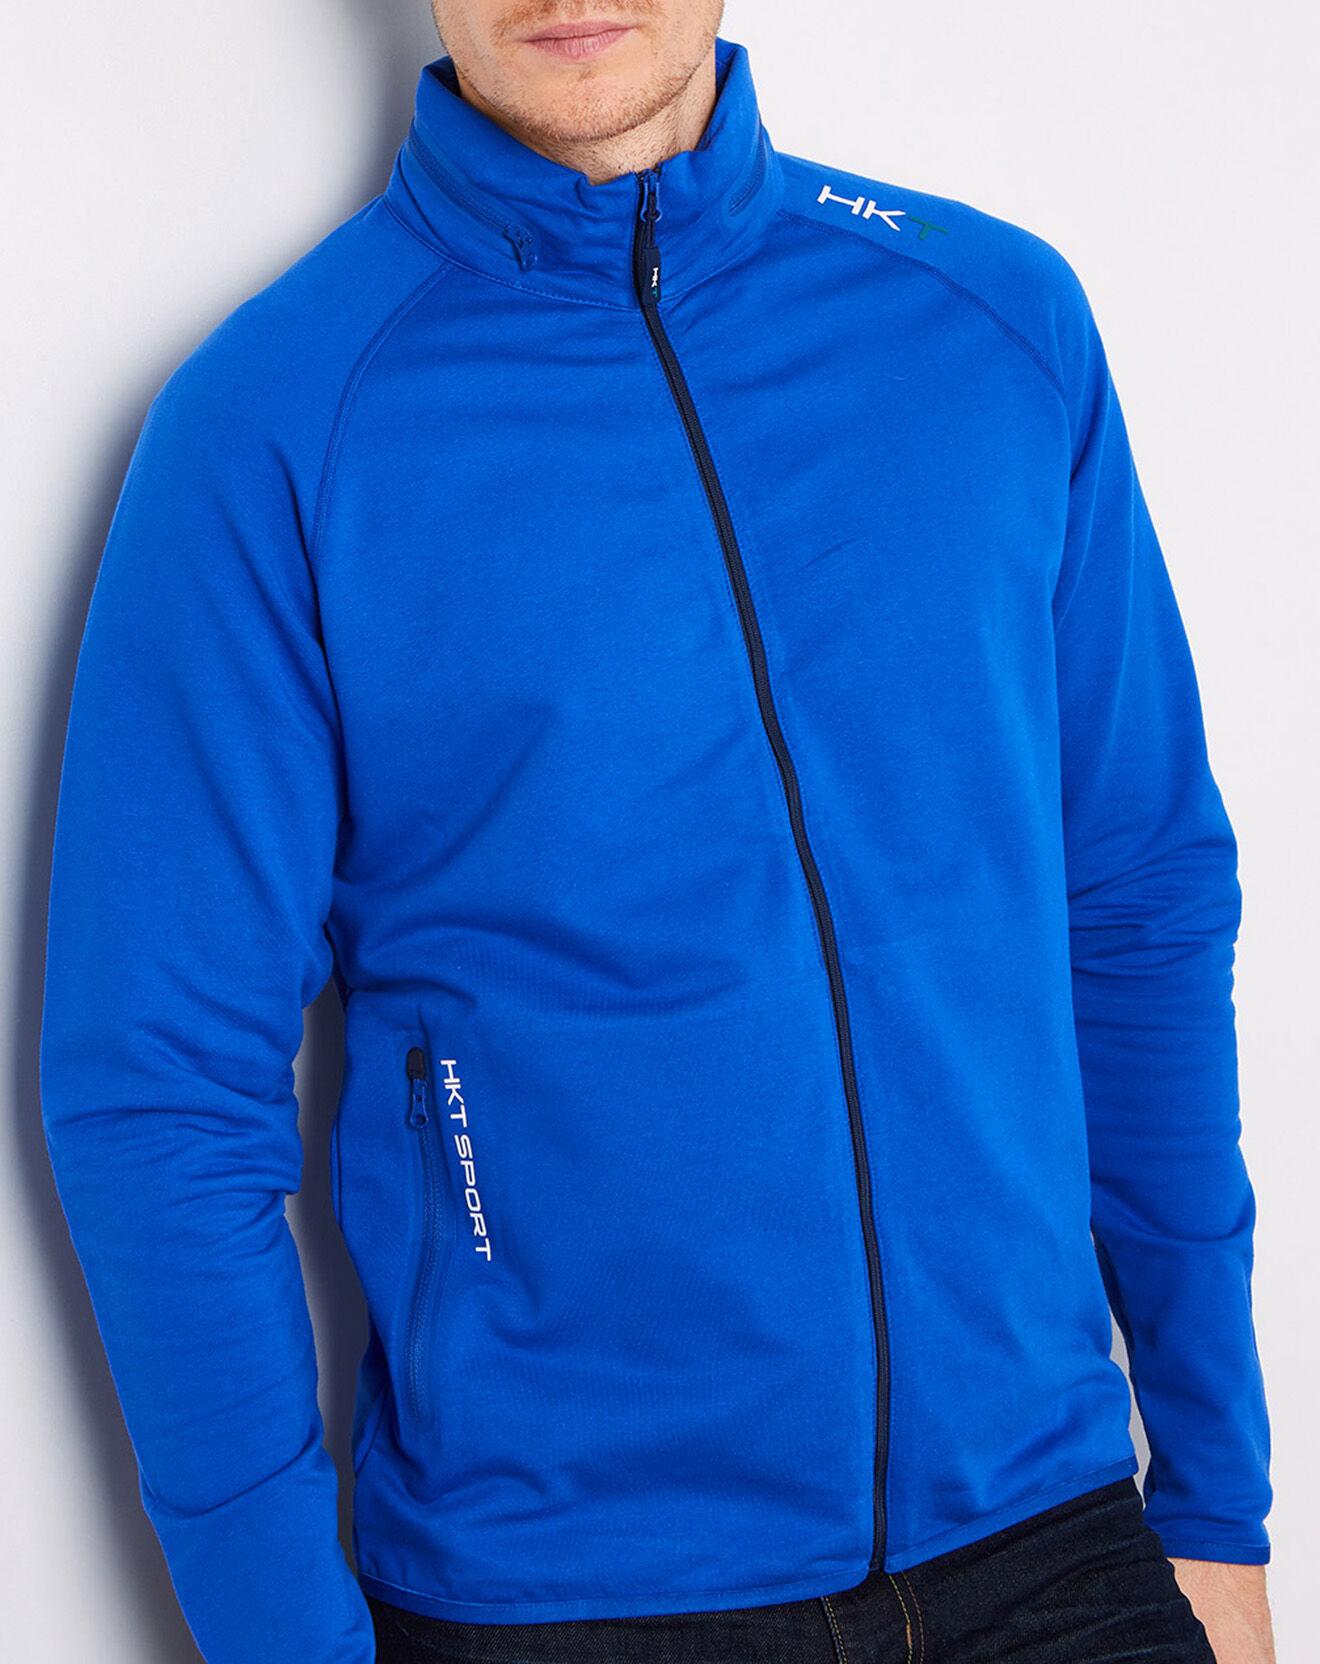 Sweat zippé HKT Sport Performance bleu - Hackett London - Modalova